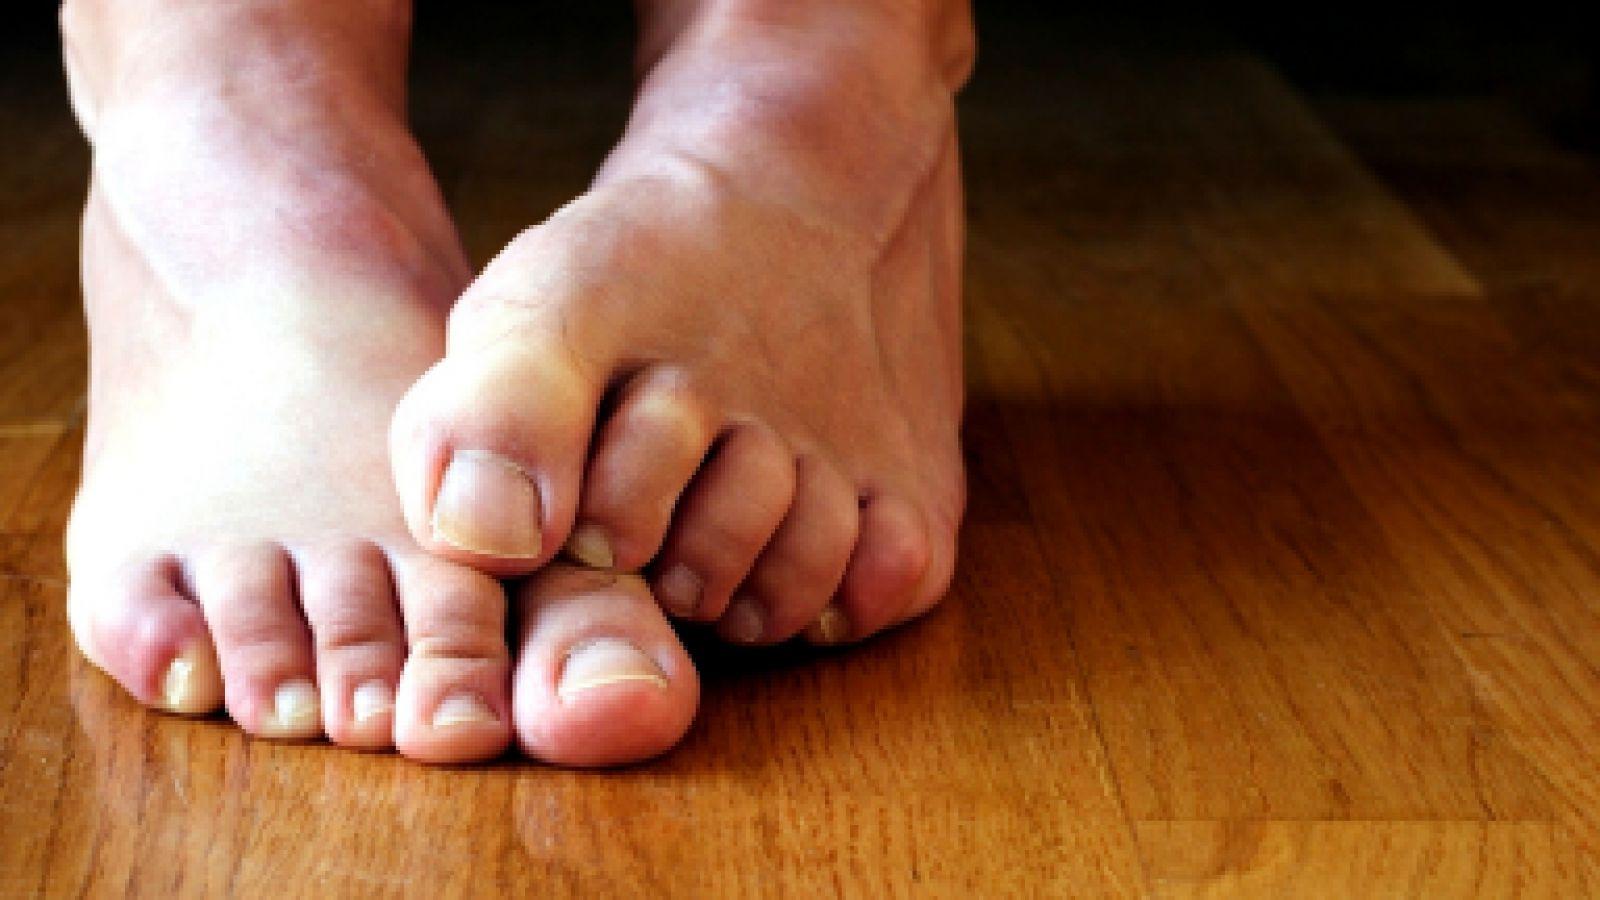 Зуд между пальцами ног: фото, причины, симптомы и лечение. Между пальцами ног слезает кожа и чешется